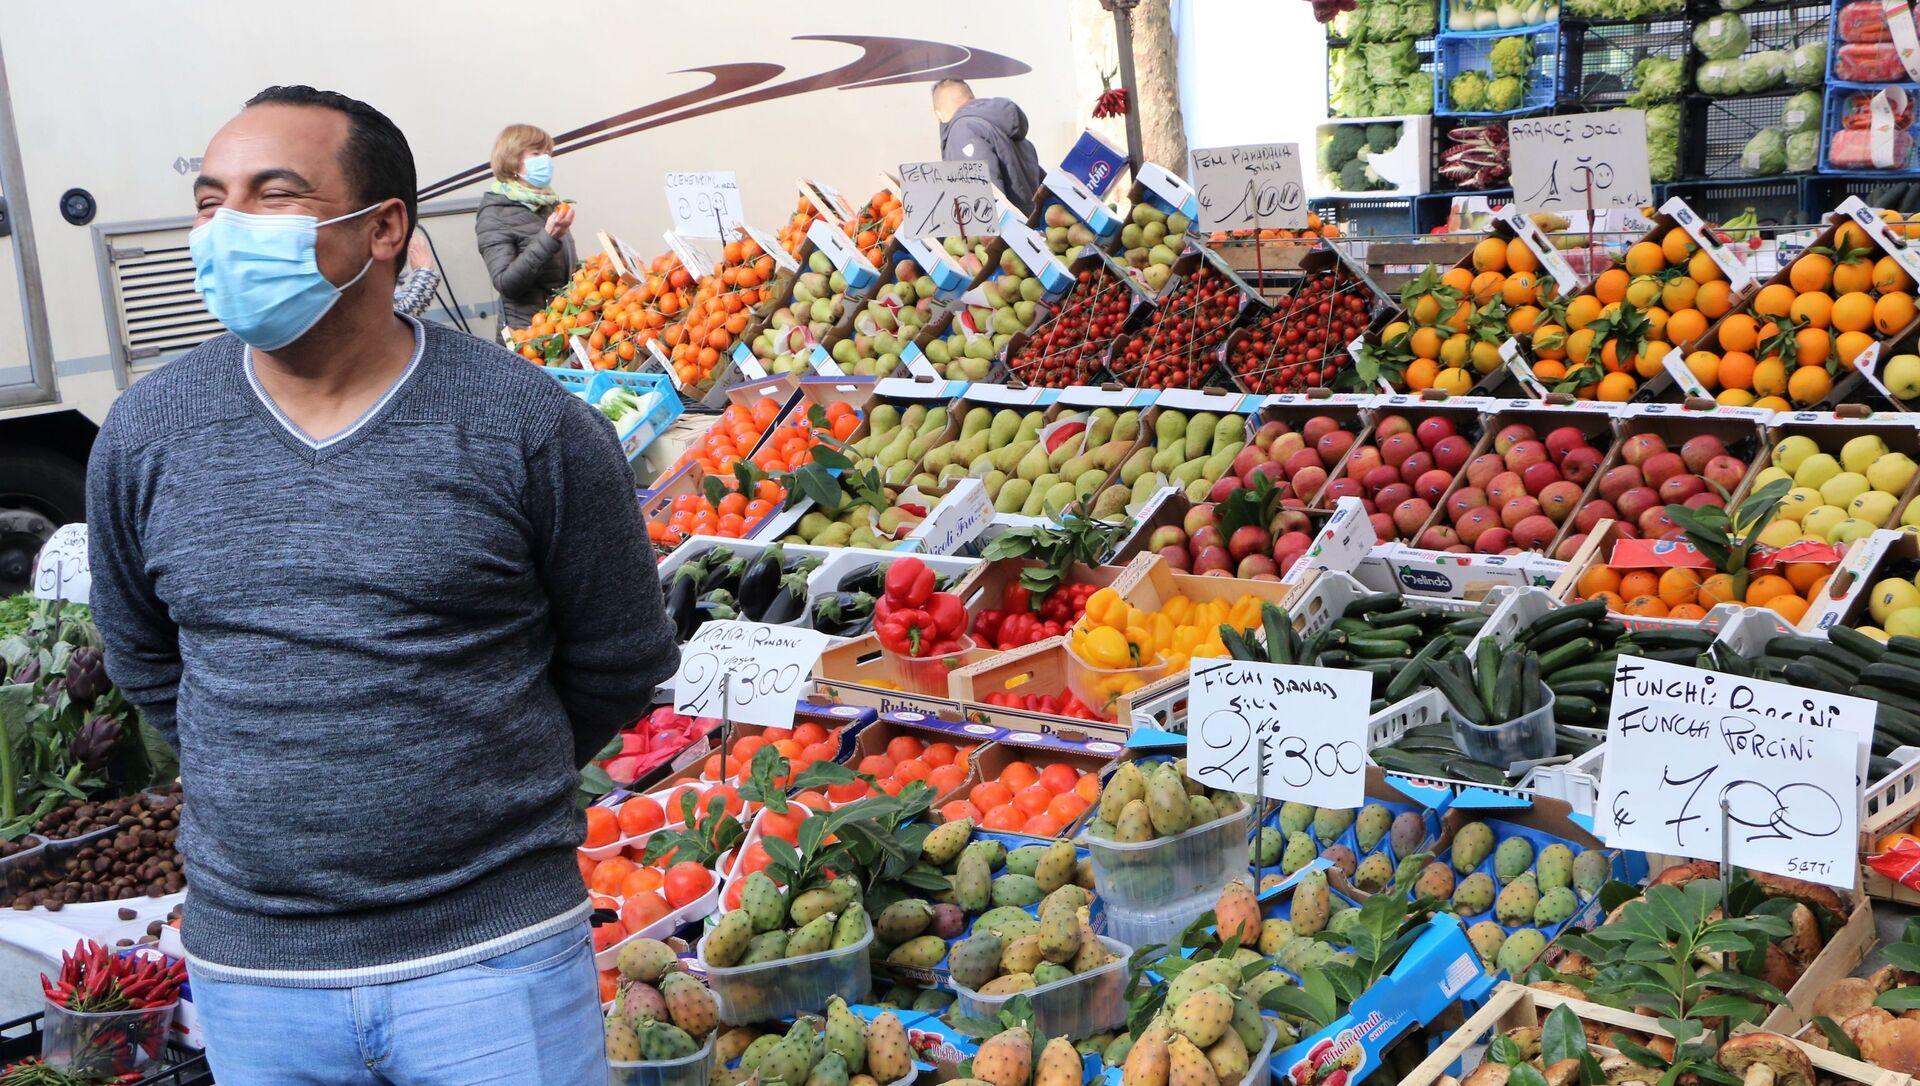 L'Italia del Covid ha sprecato meno cibo: solo 27 chili a testa - Sputnik Italia, 1920, 05.02.2021